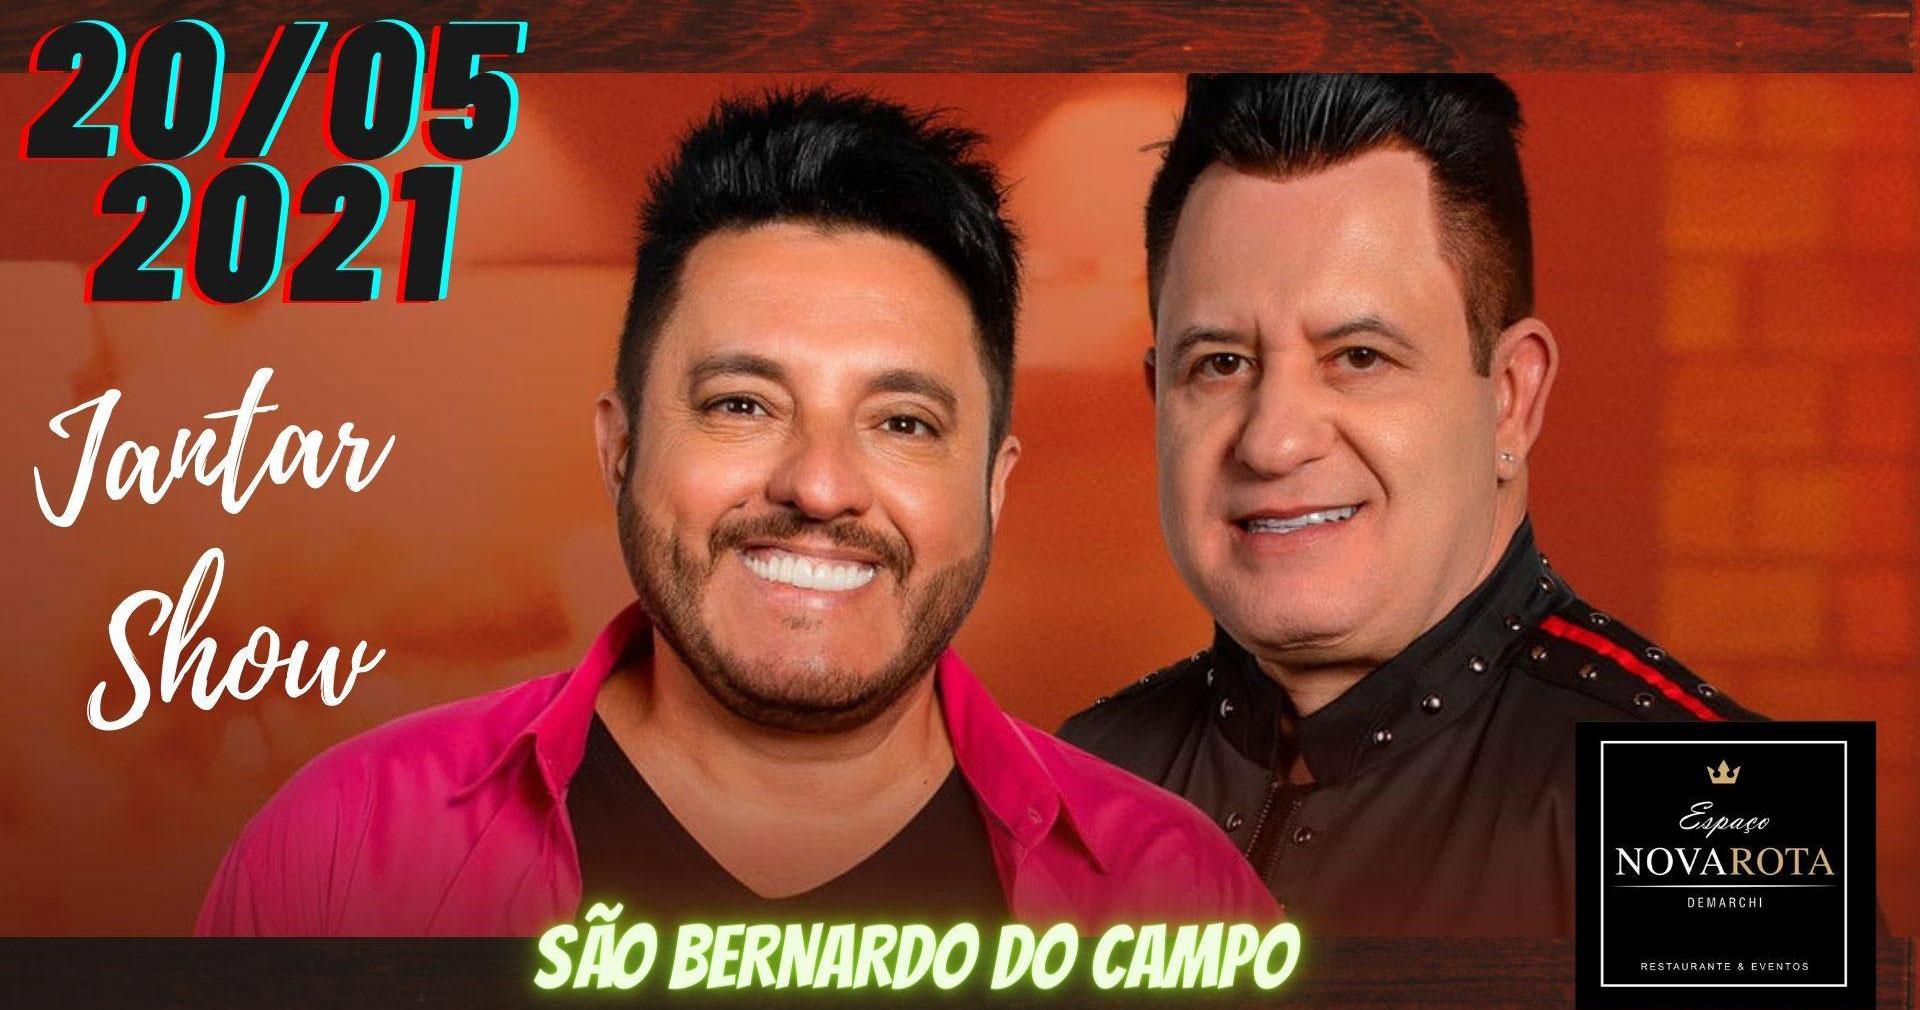 Bruno e Marrone realizam show único no Espaço Nova Rota Demarchi Eventos BaresSP 570x300 imagem